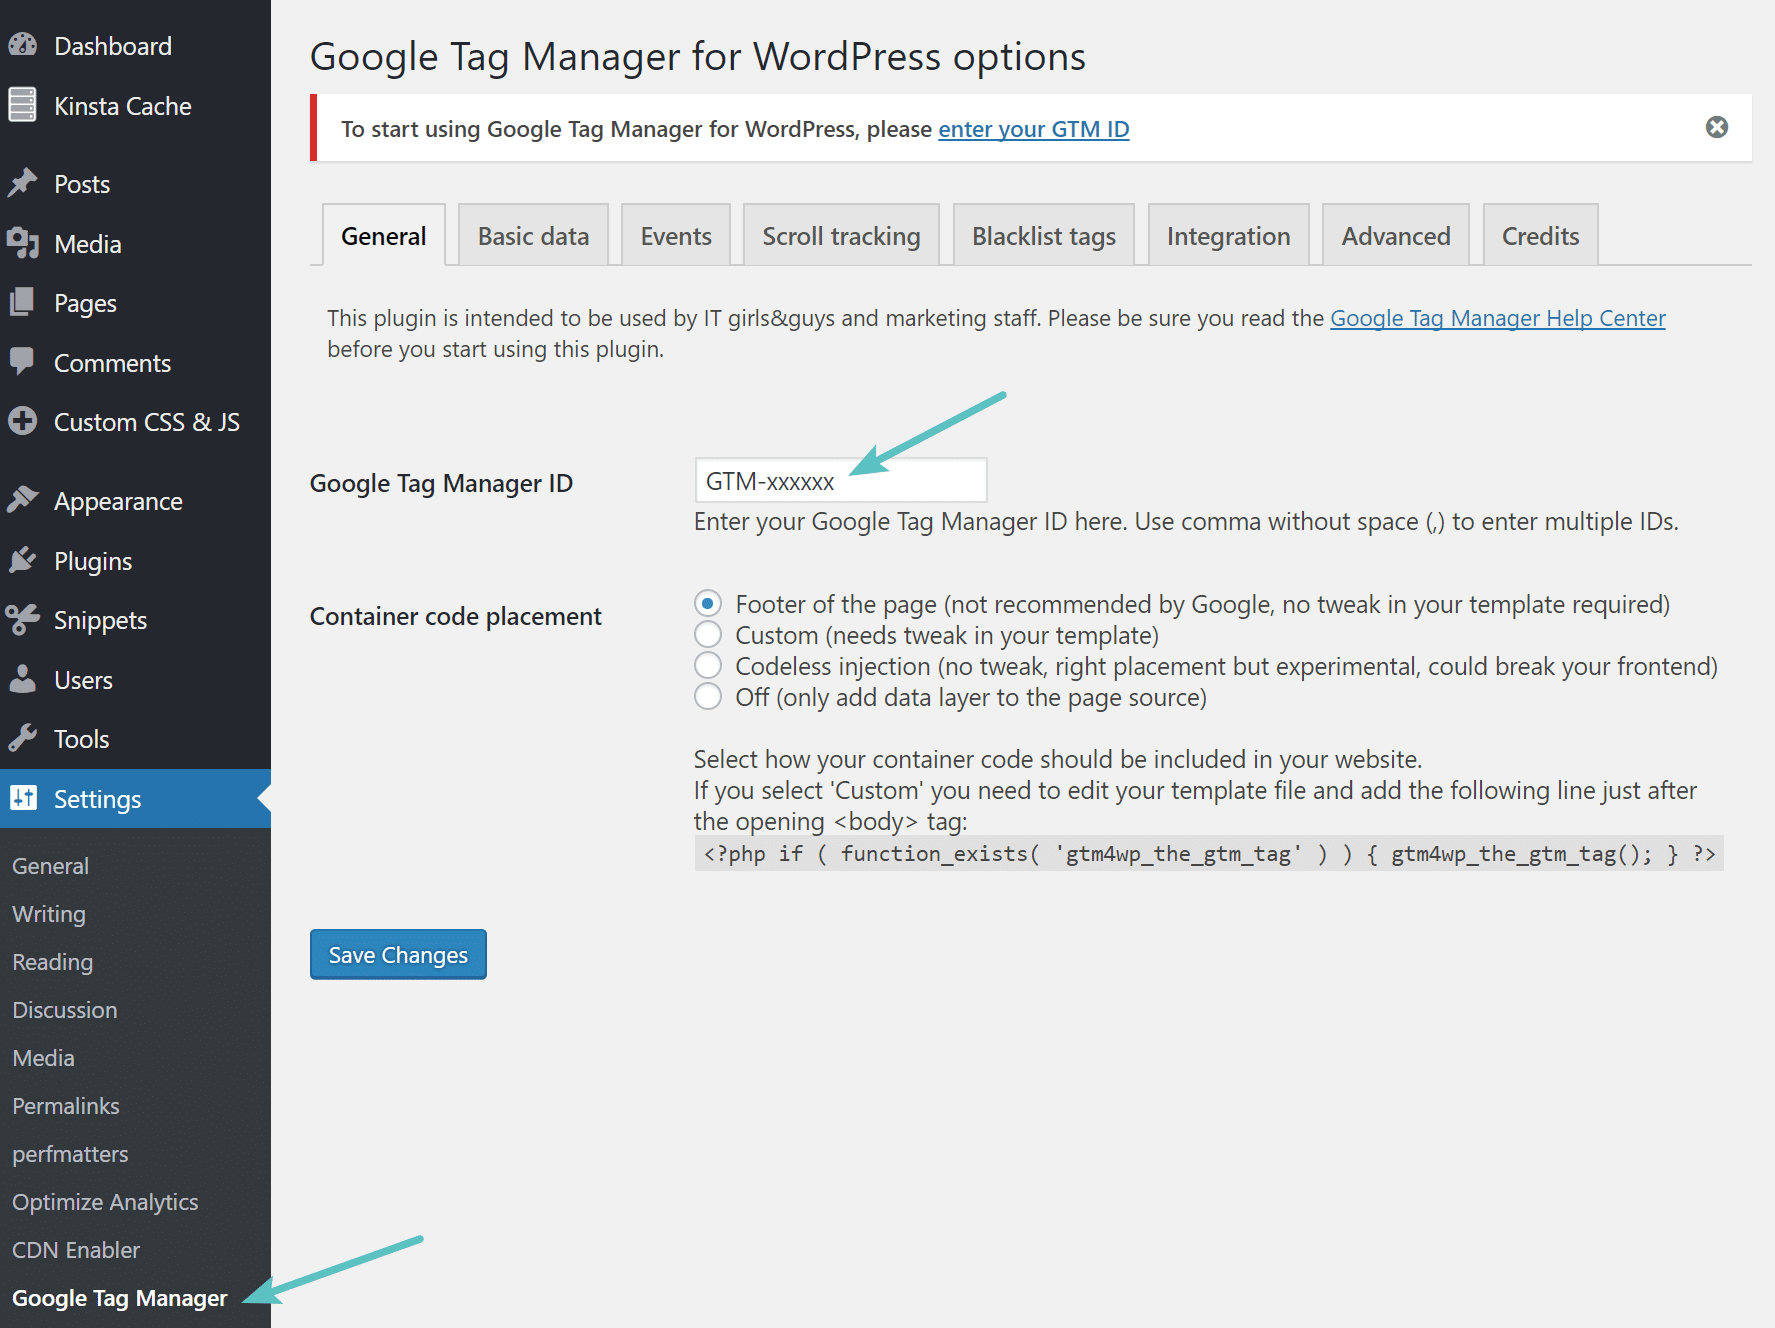 کپی کردن آی دی Google Tag Manager